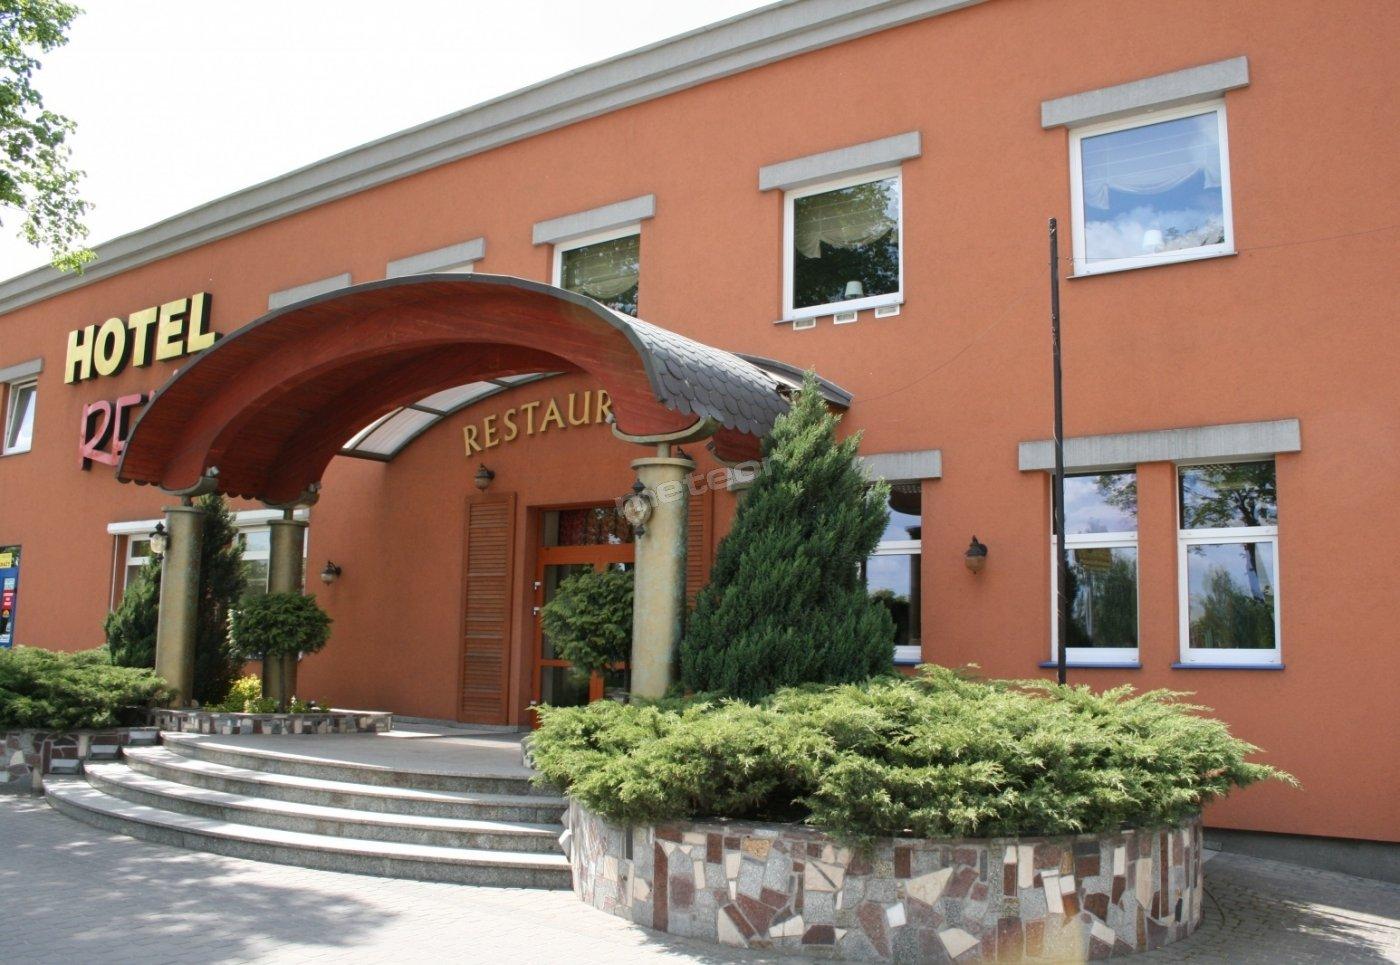 Hotel i Restauracja REN w Starogardzie Gdańskim